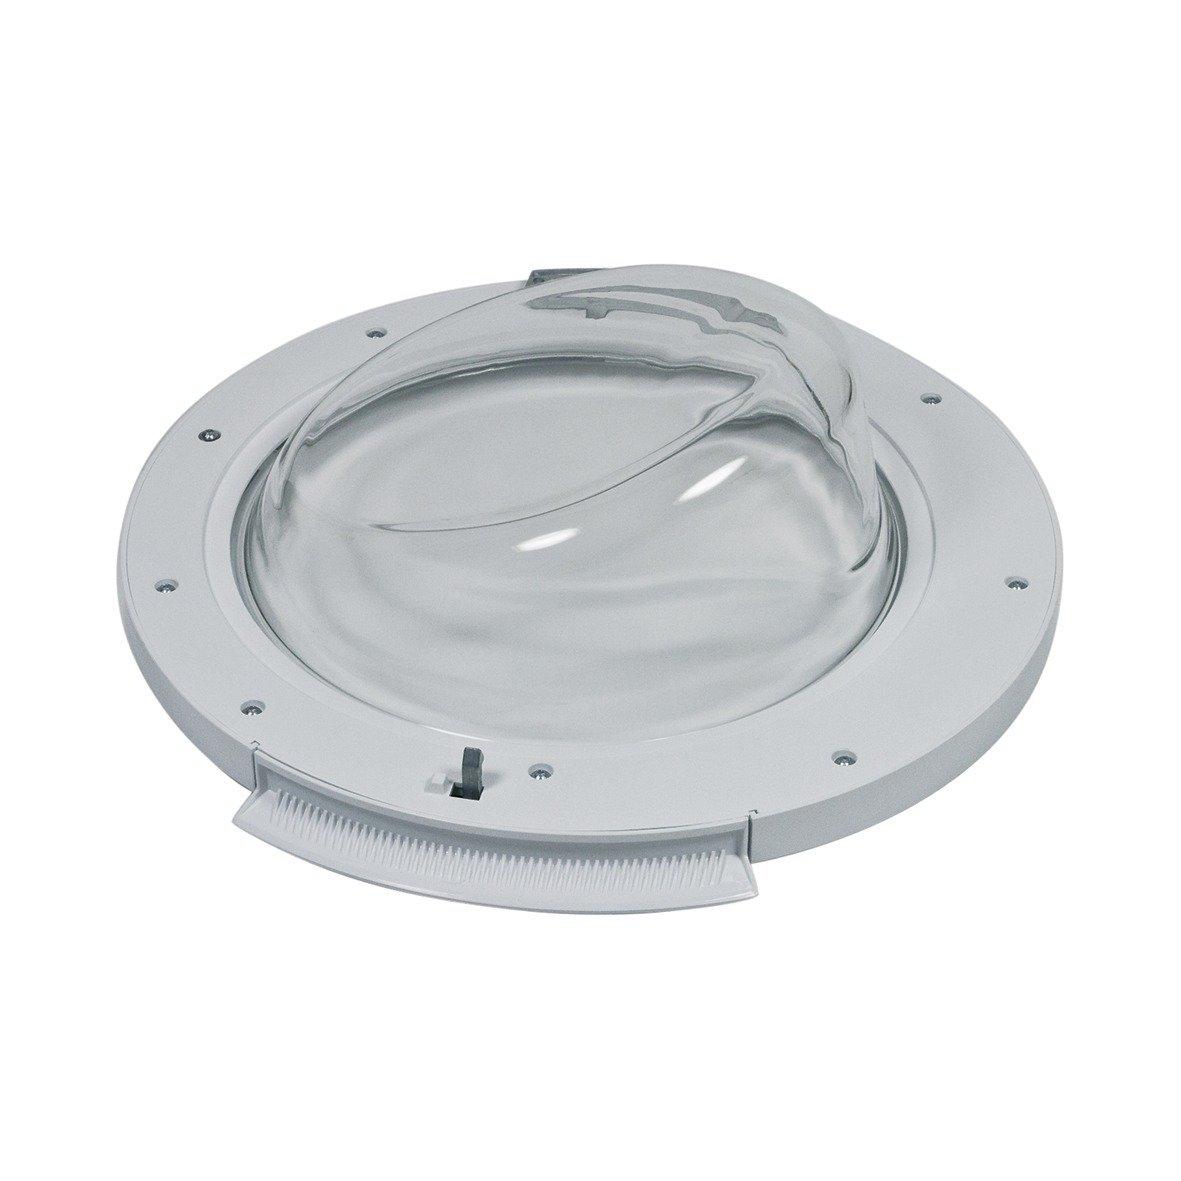 Bosch Siemens 702630 00702630 ORIGINAL T/ür Fenster Bullaugenschauglas Waschmaschinenbullauge komplett wei/ß Waschmaschine Waschautomat auch Ballay Neff Profilo Pitsos